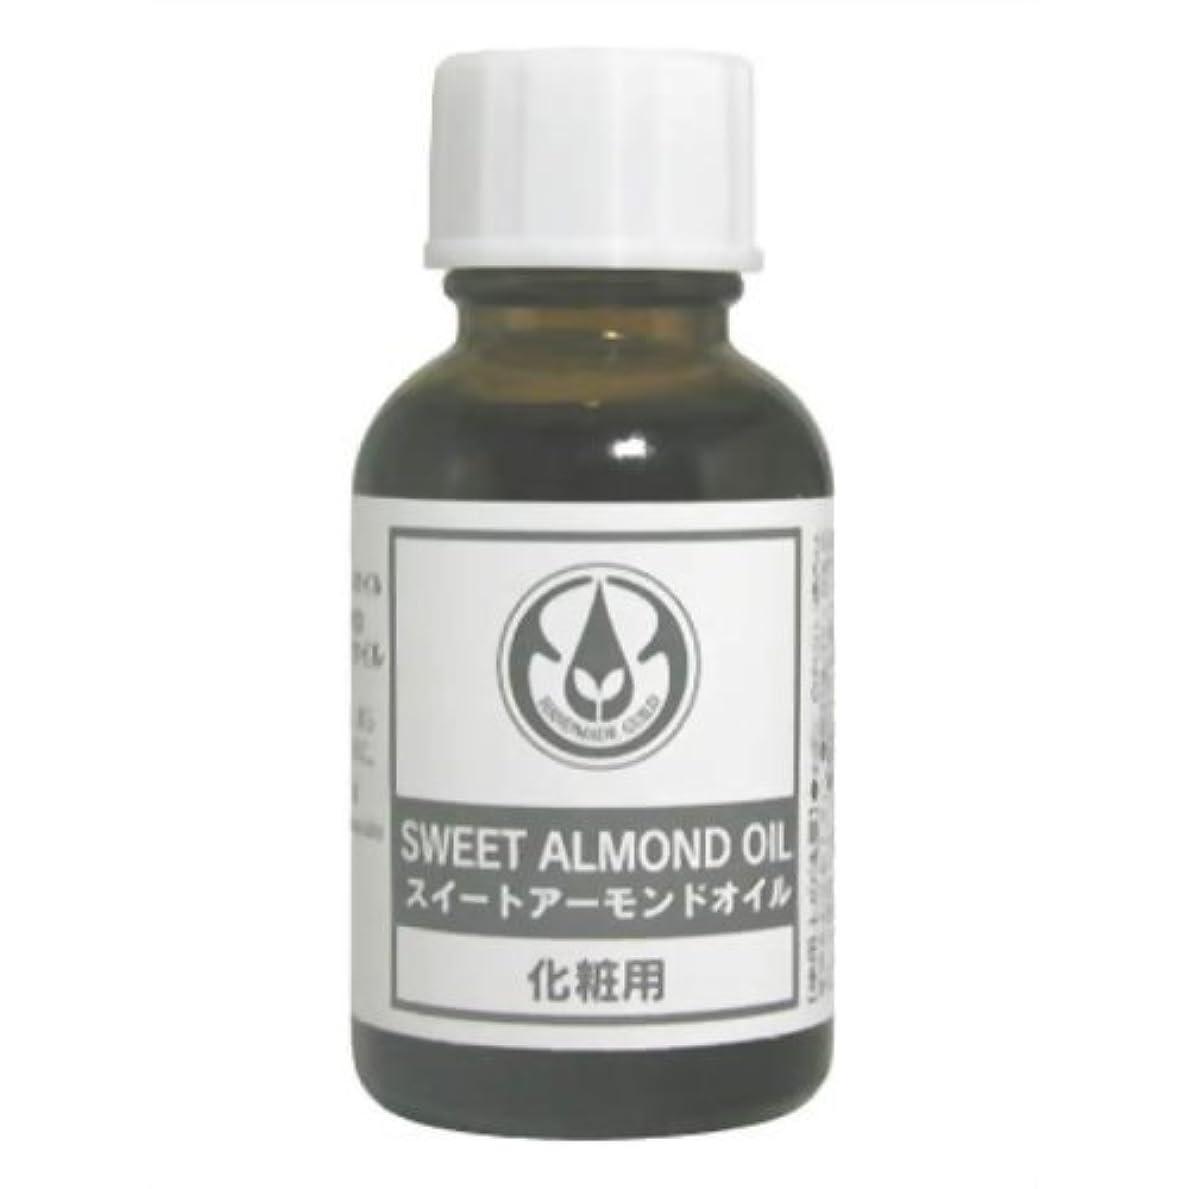 捧げる図順番生活の木 スイートアーモンド25ml